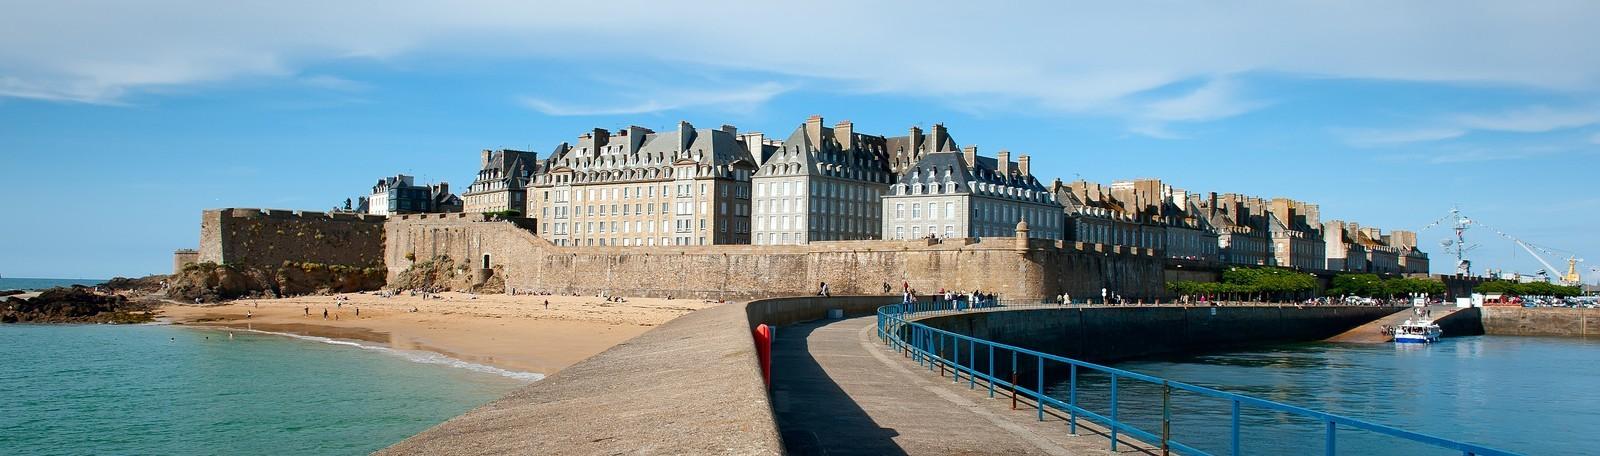 Réservation parking Saint Vincent Saint Malo